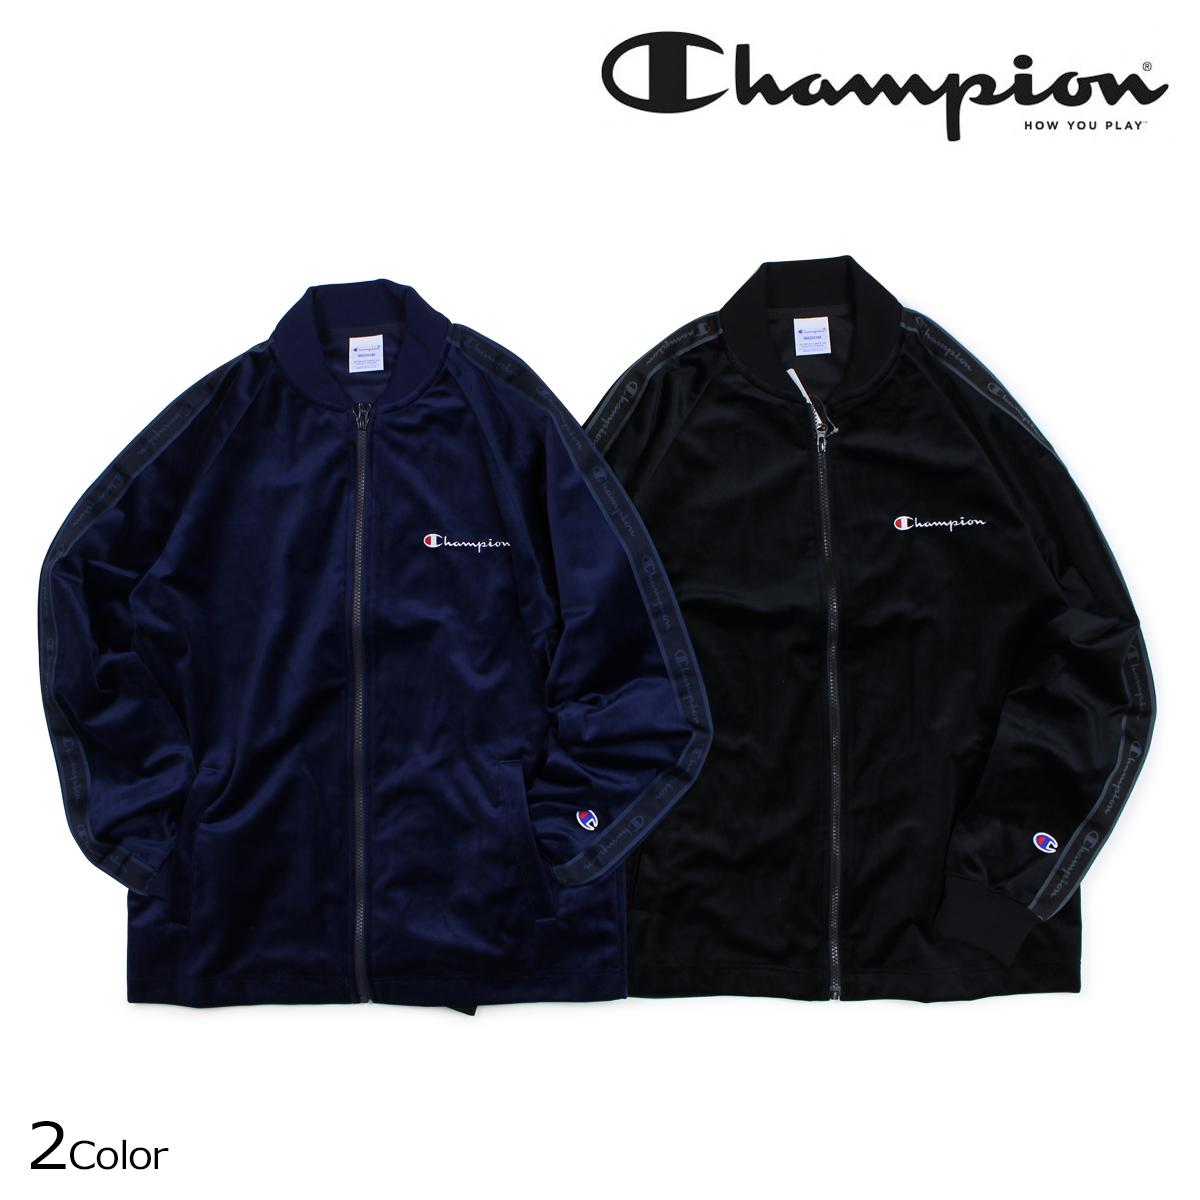 チャンピオン Champion ジャージ ジャケット フルジップ メンズ FULL ZIP JACKET ブラック 黒 ネイビー C3-N609